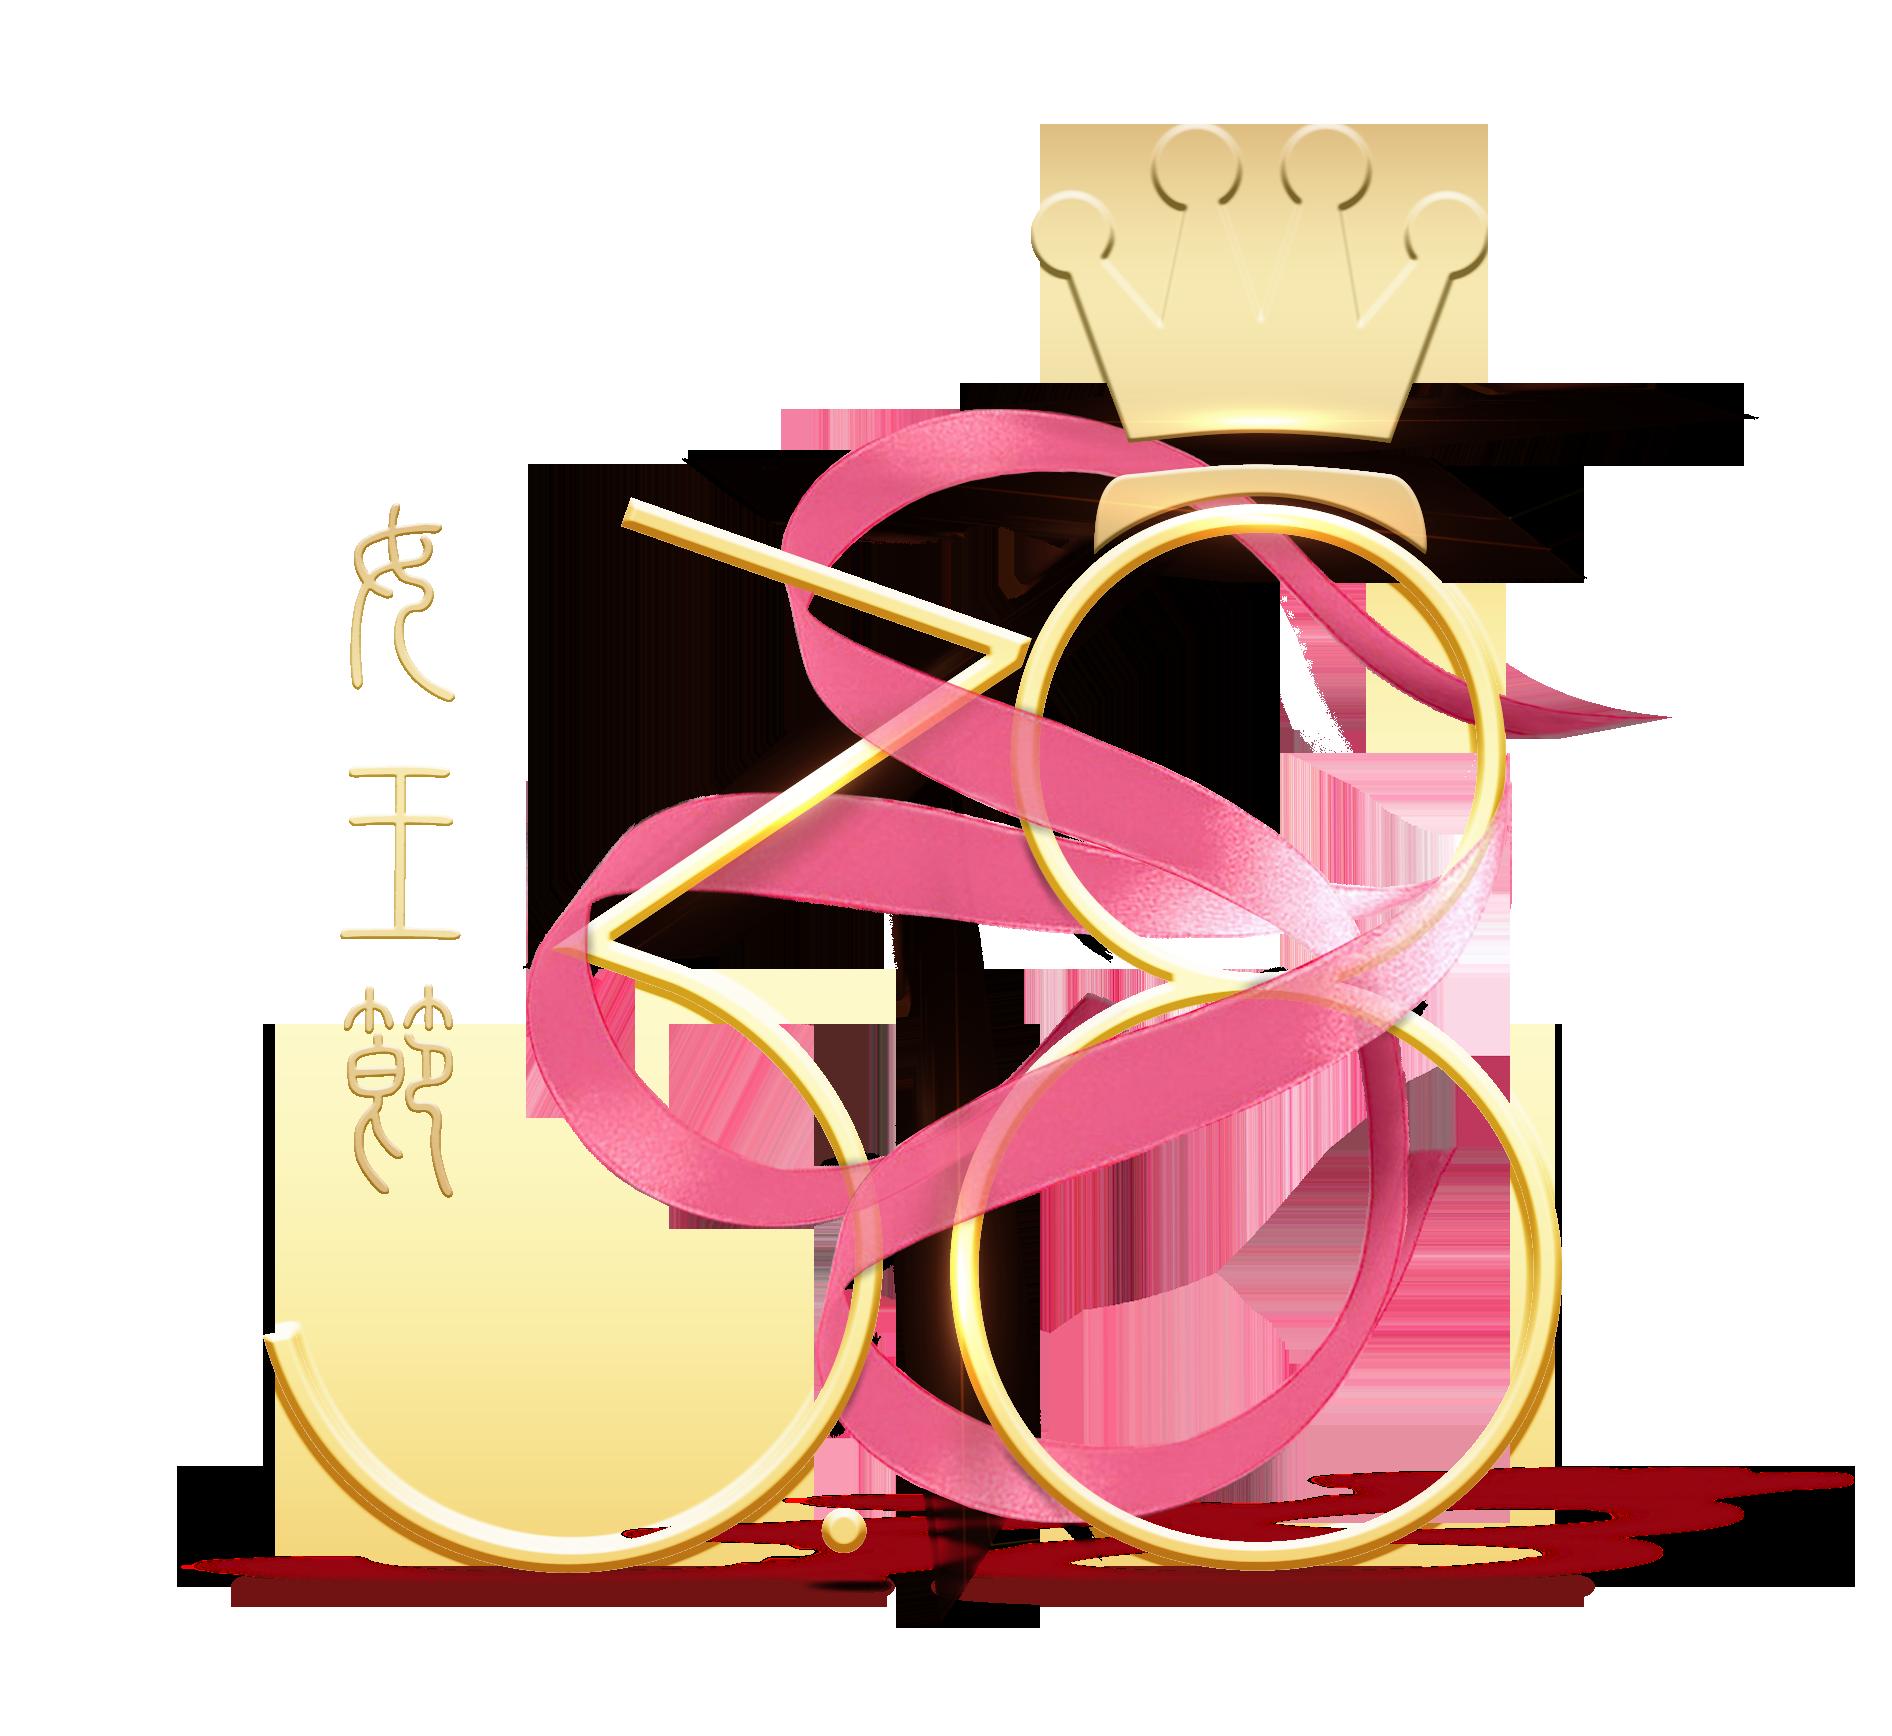 38女王节繁体字妇女节